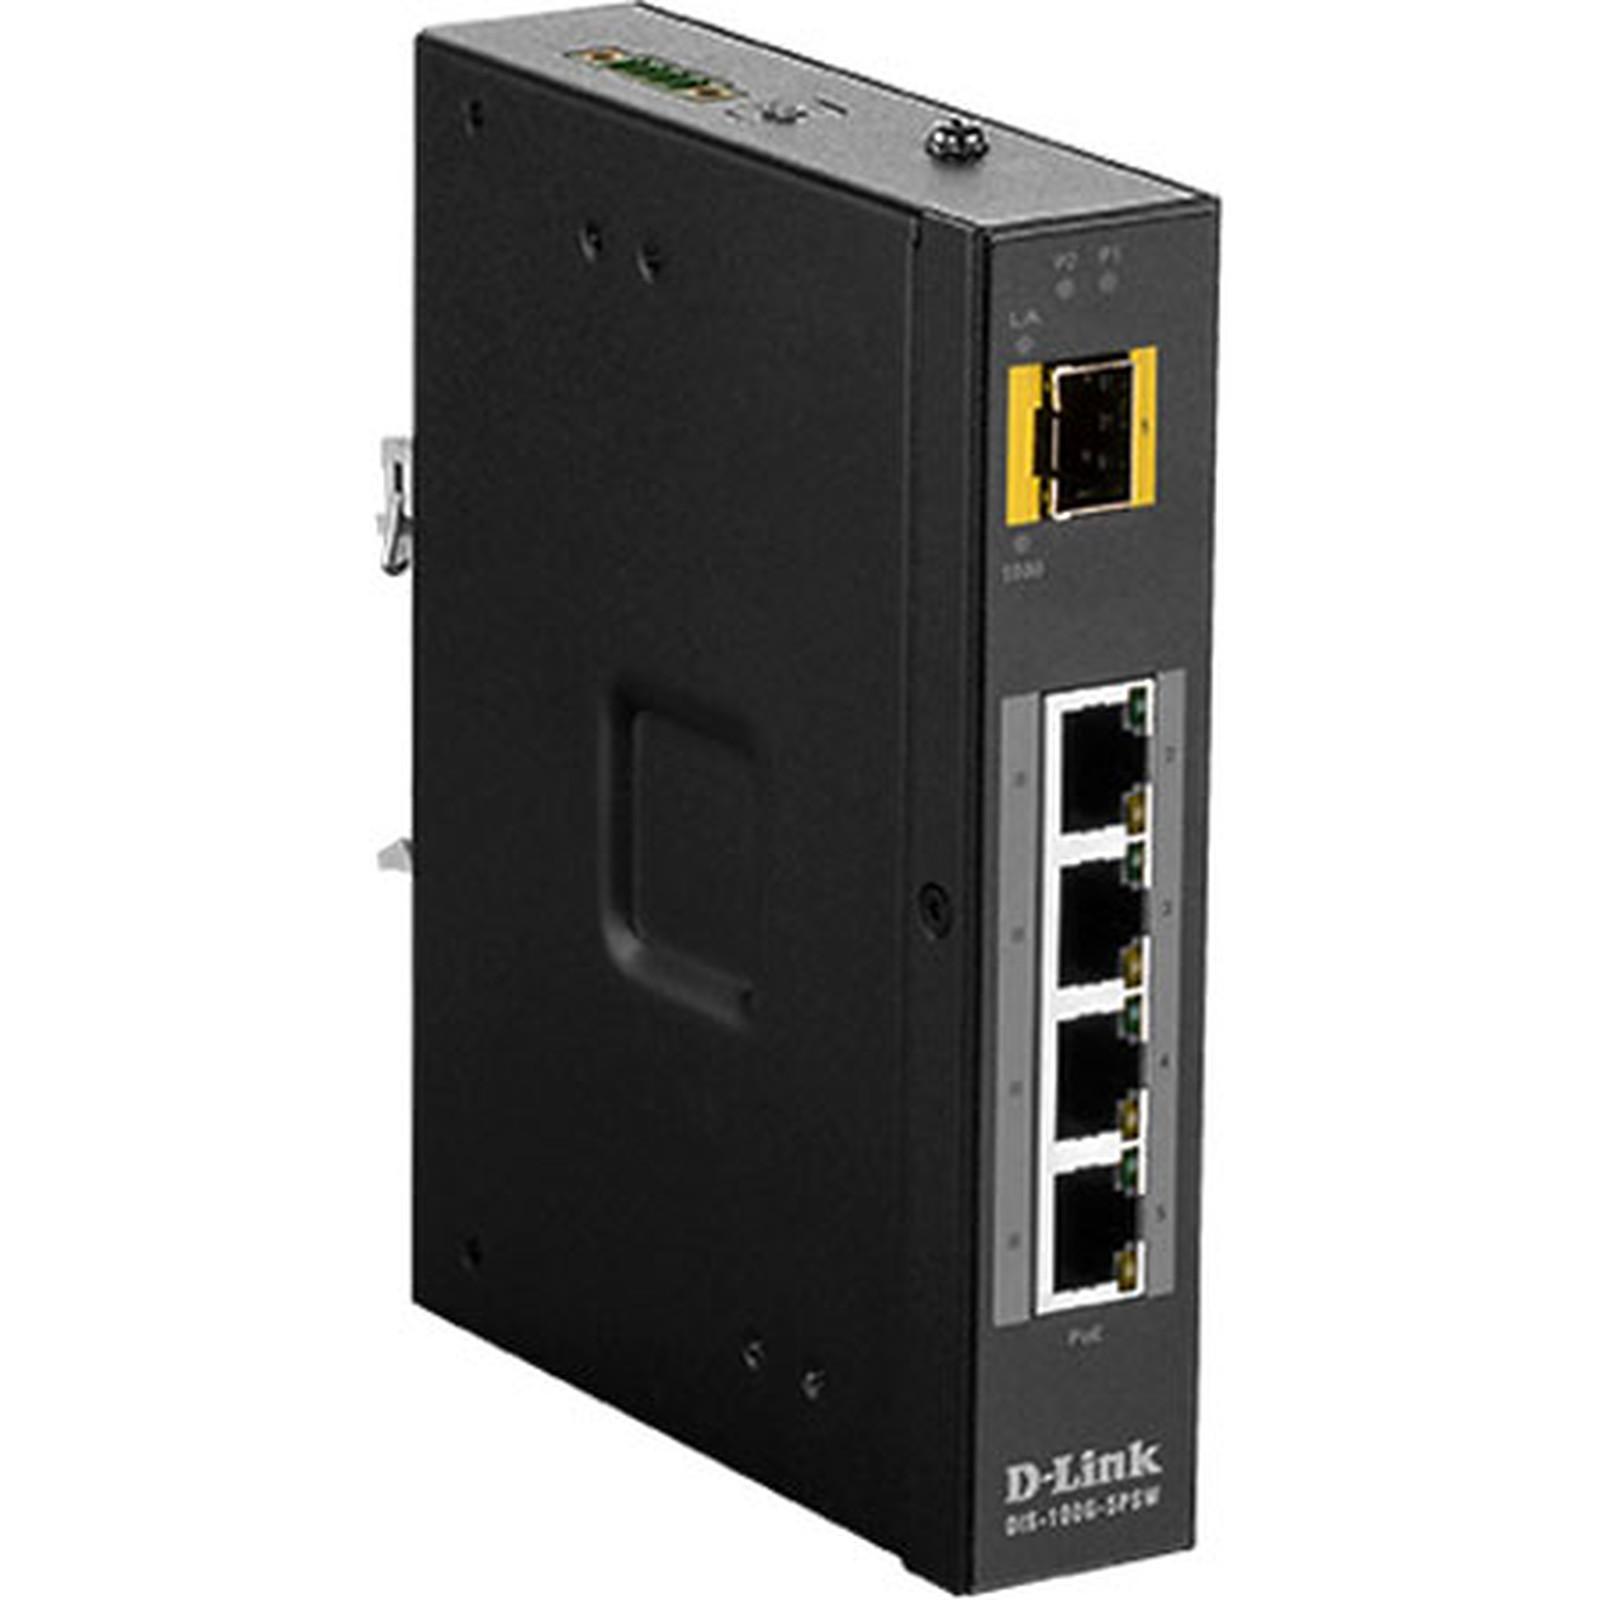 D-Link DIS-100G-5PSW